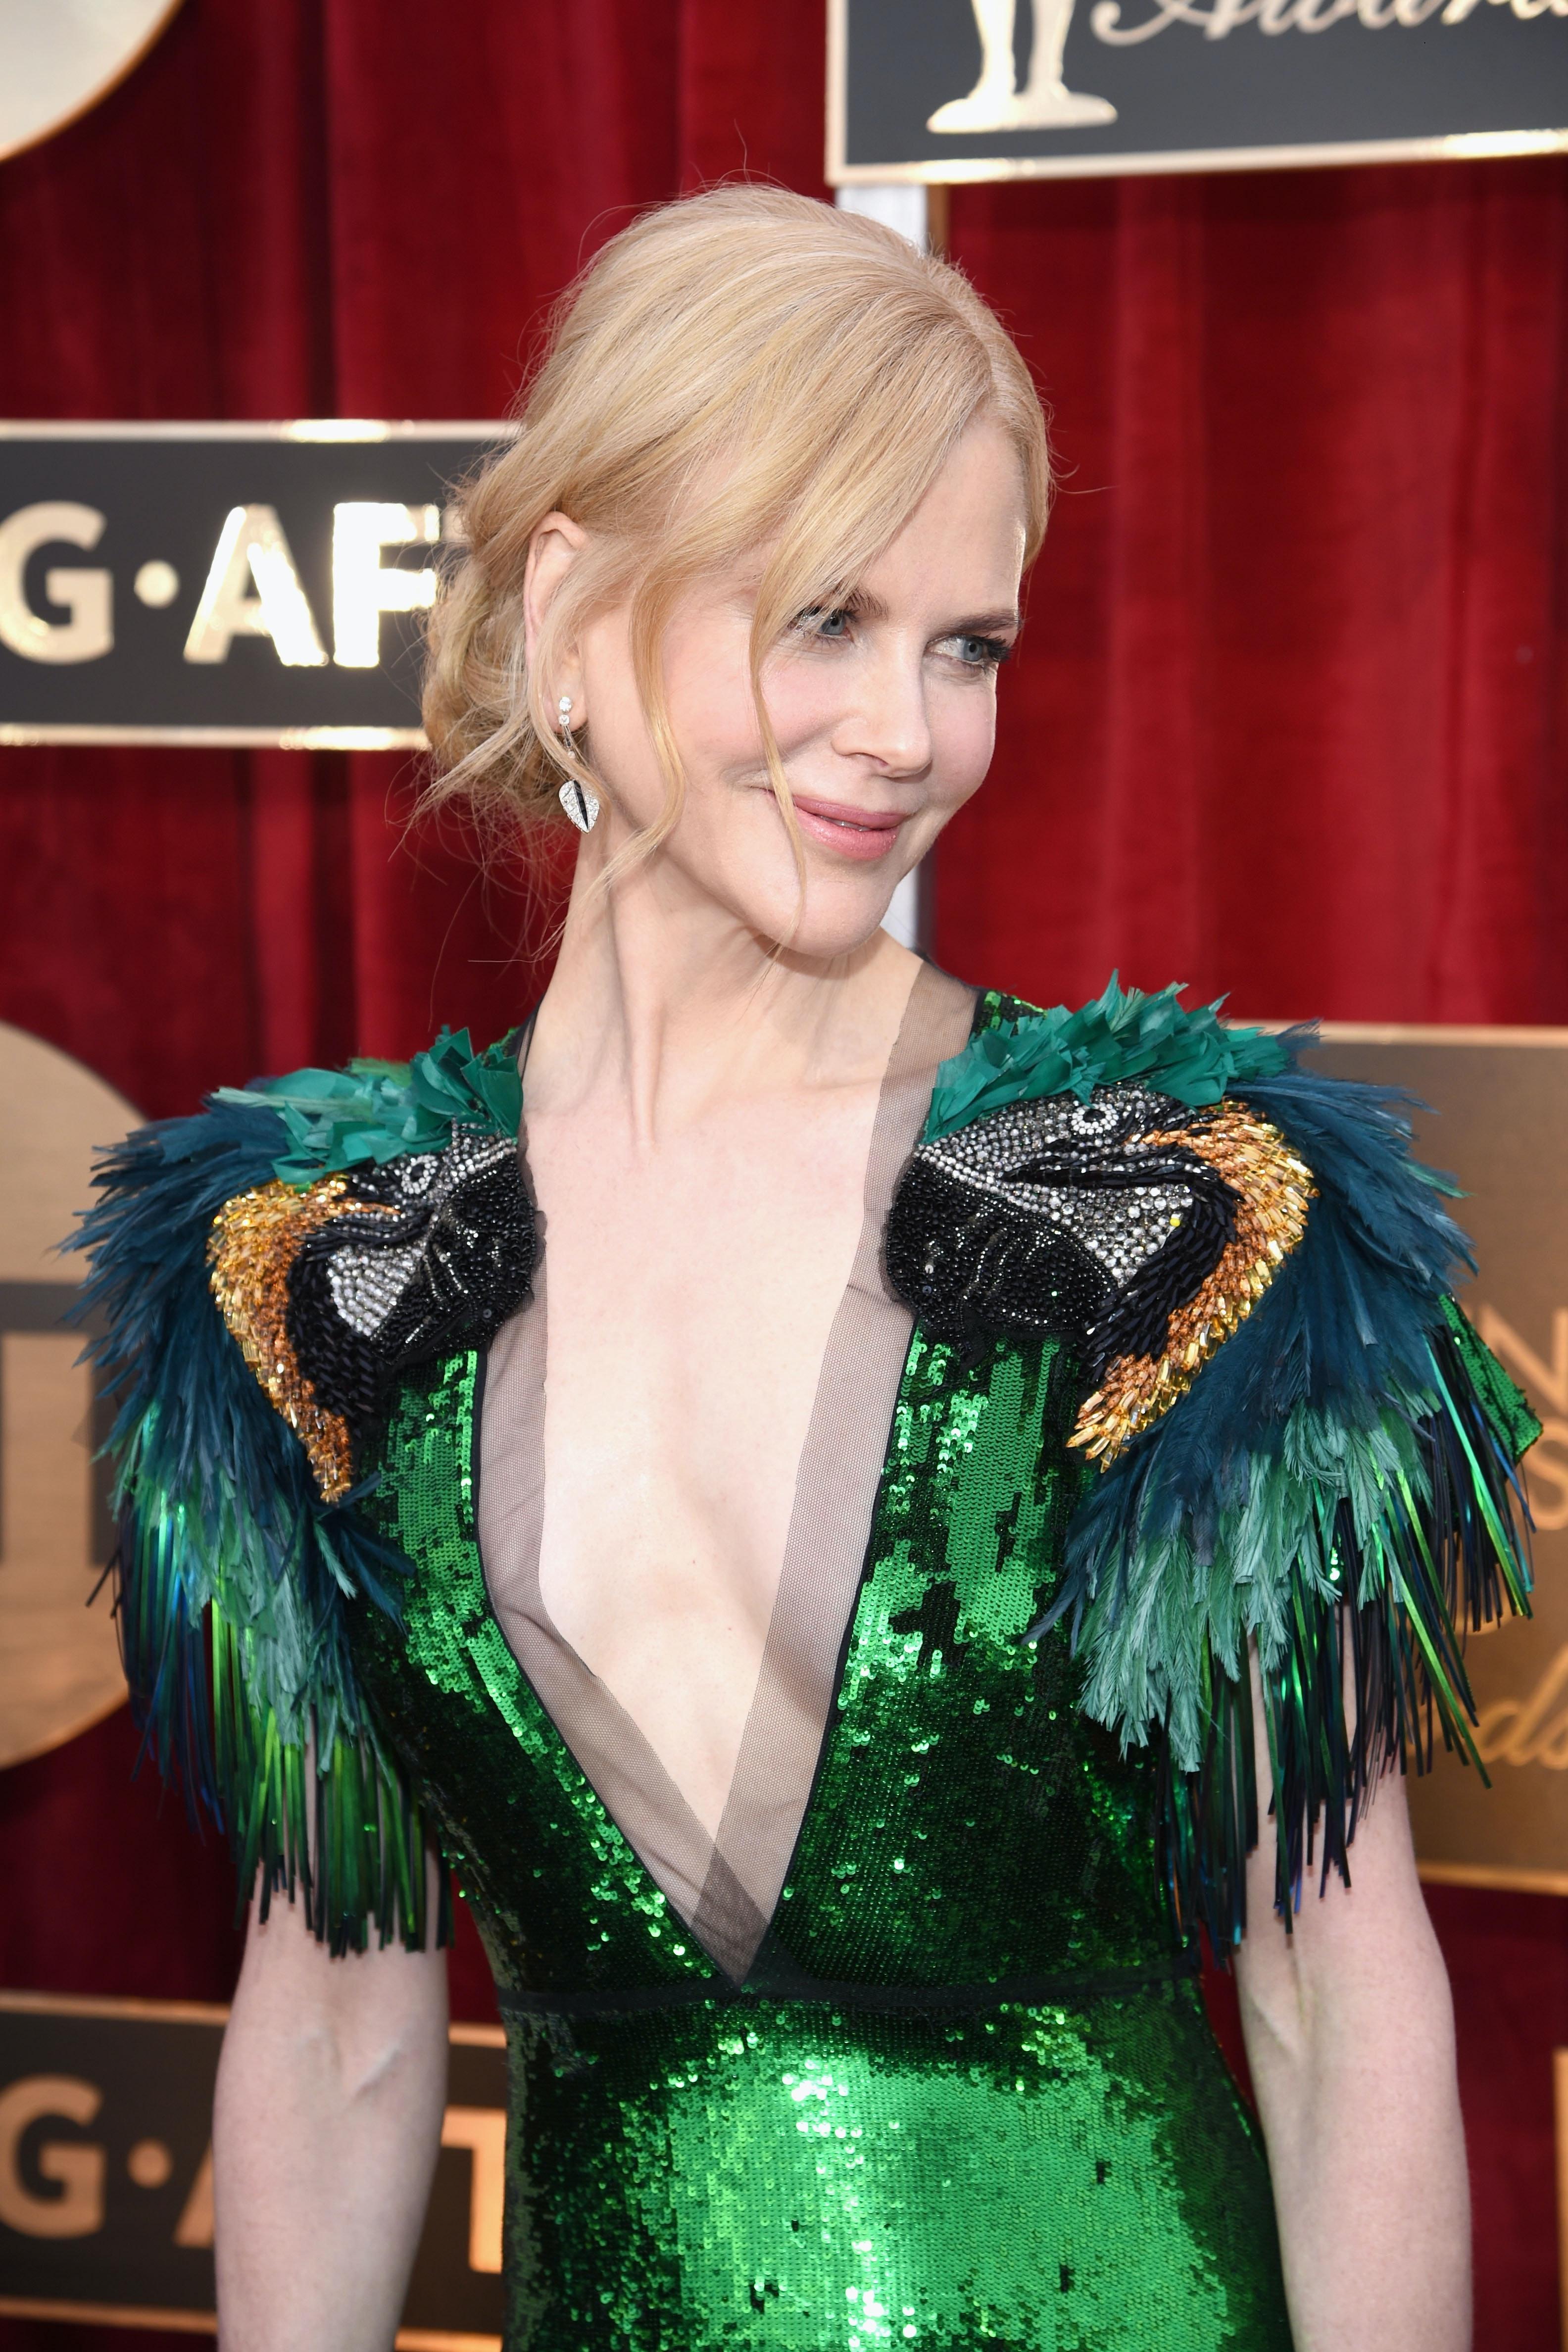 Cleavage Nicole Kidman nude (34 photos), Topless, Sideboobs, Instagram, braless 2018